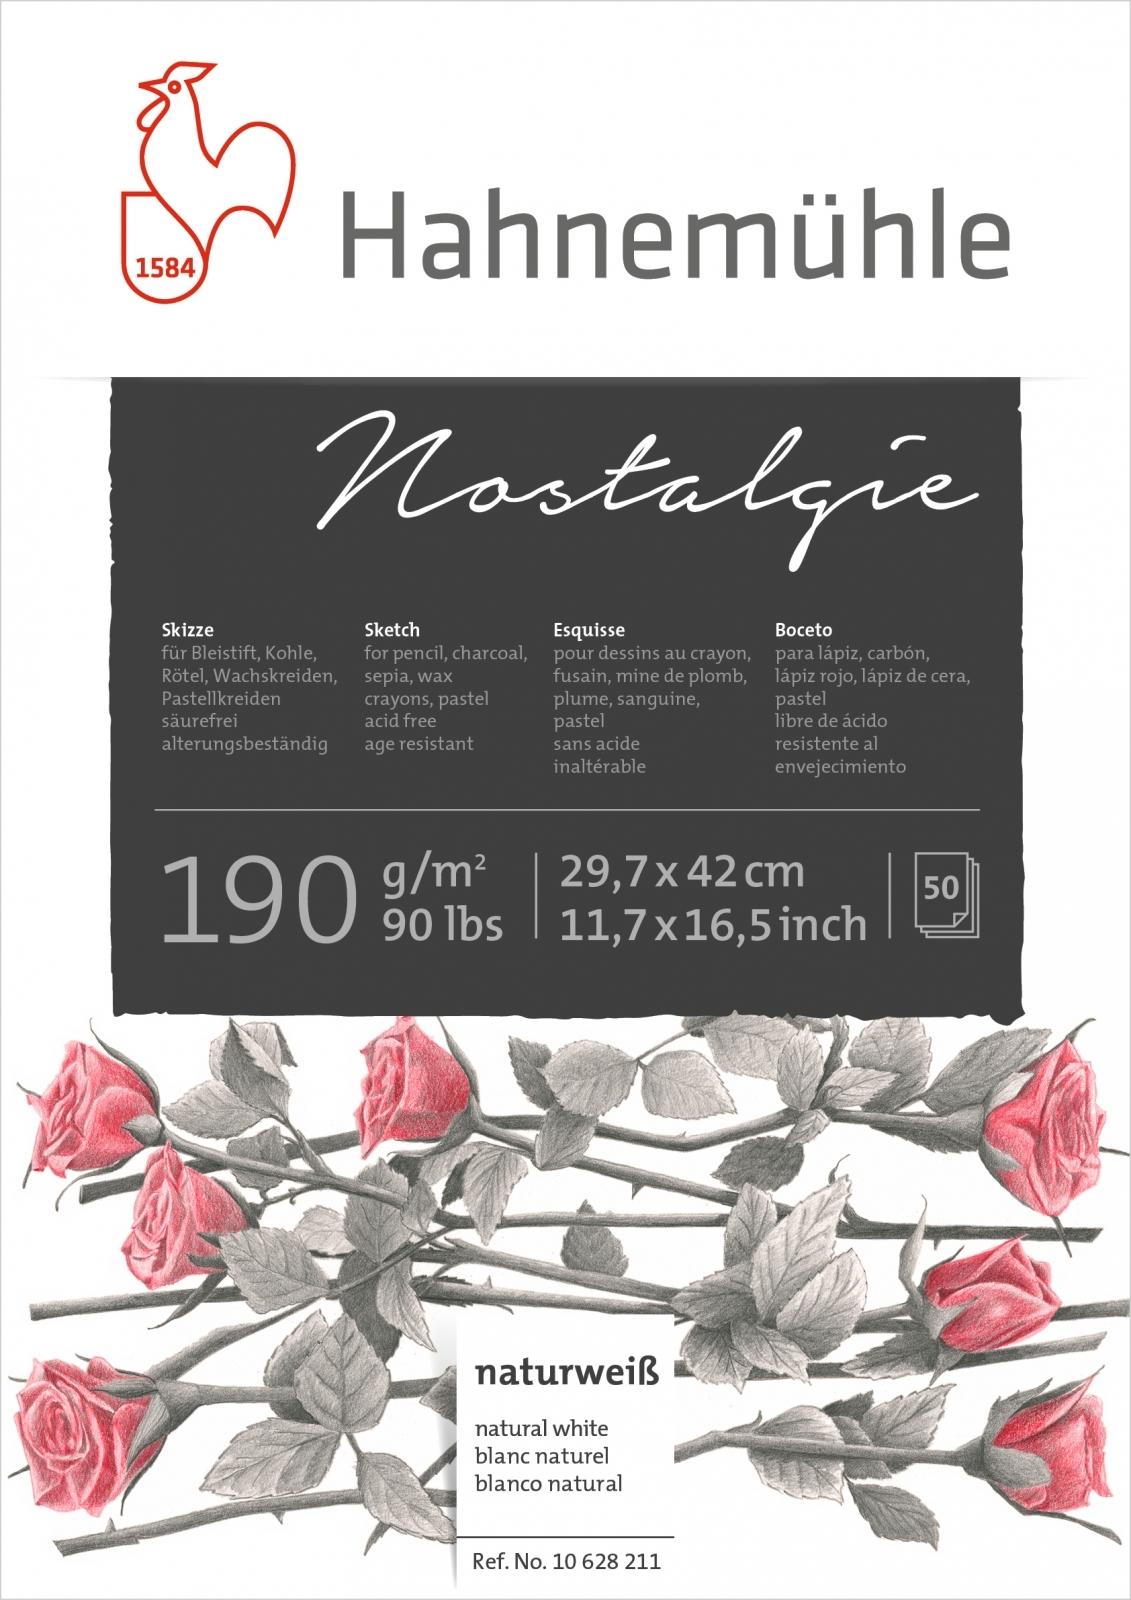 Papel Hahnemuhle Nostalgie 190g/m2 29,7x42 50fls (10628211) - Papelaria Botafogo